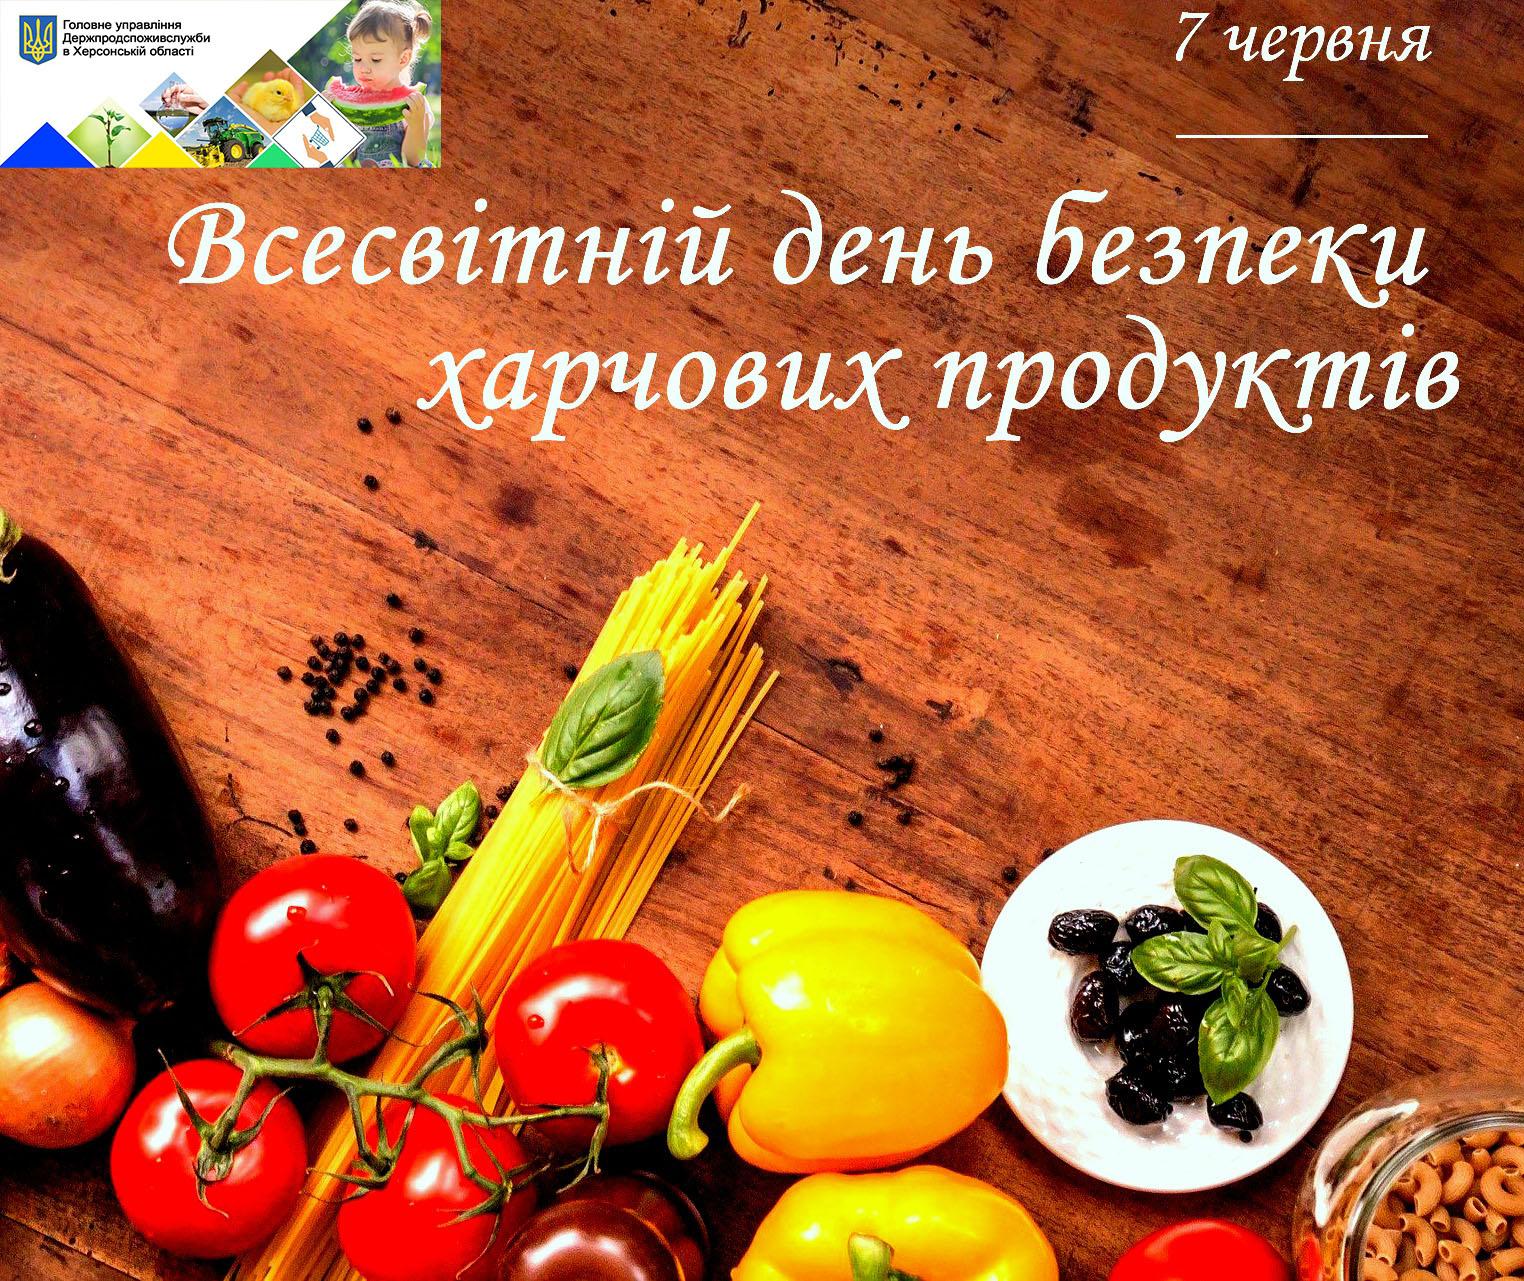 7 червня – Всесвітній день безпеки харчових продуктів!